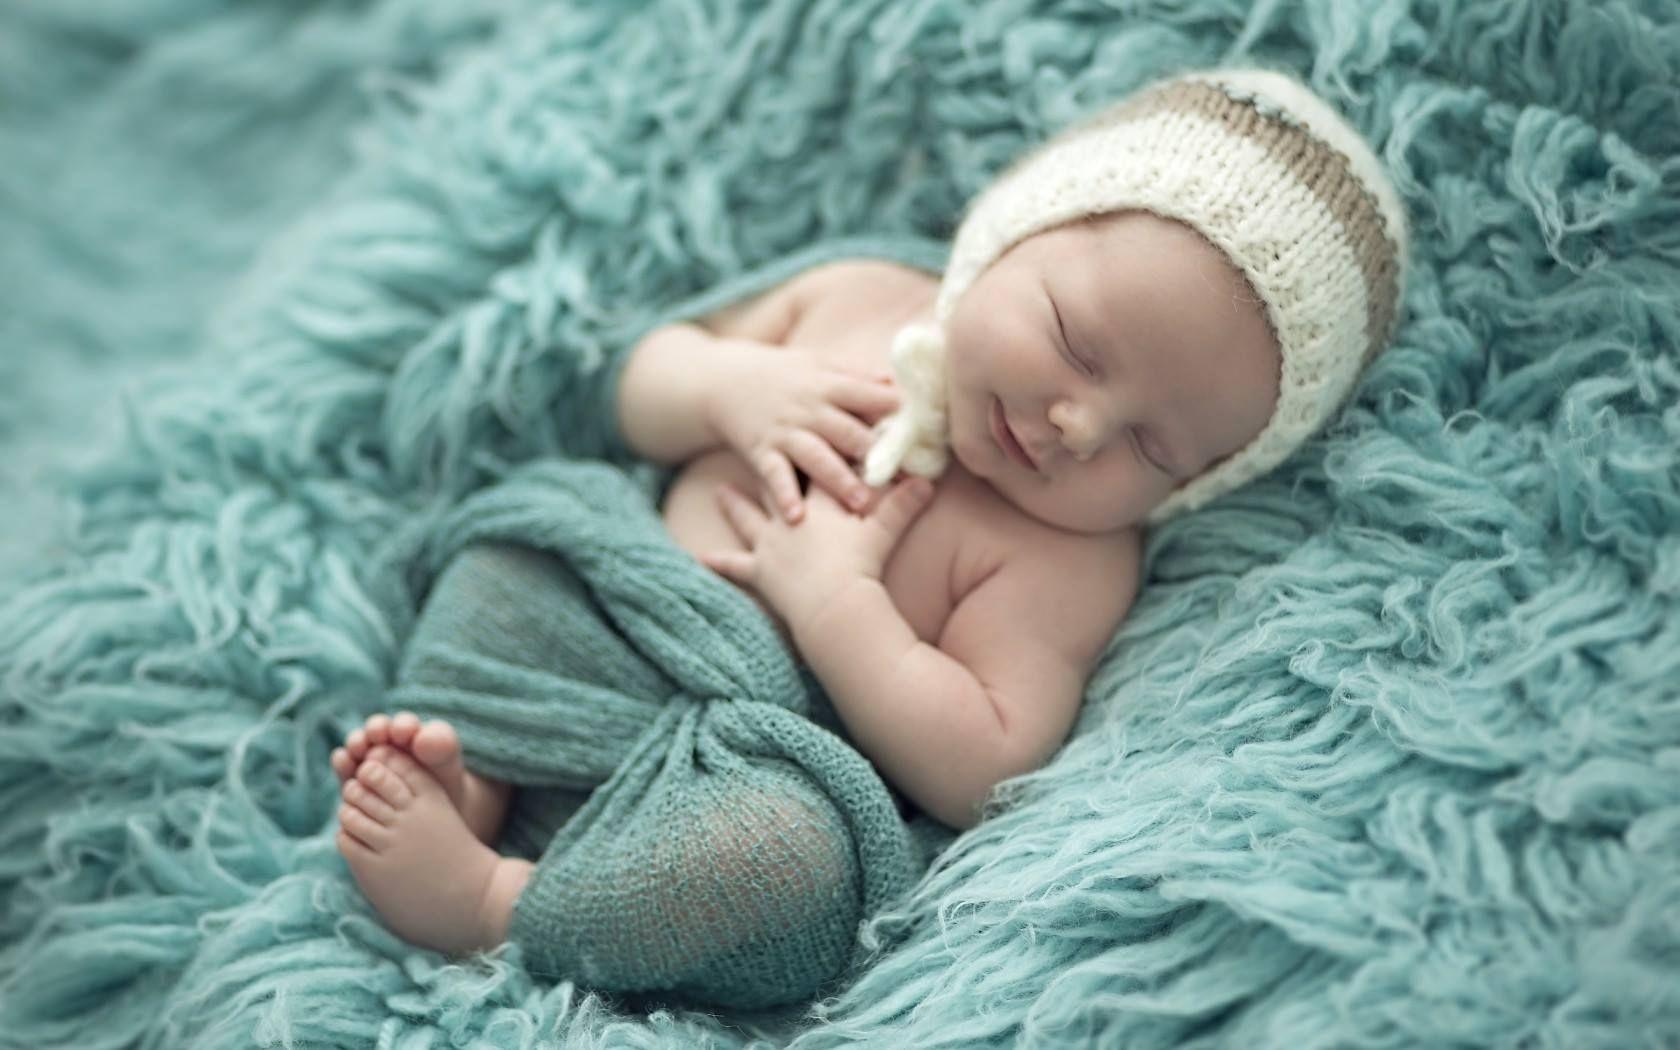 Орловой, картинка для новорожденного мальчика красивое